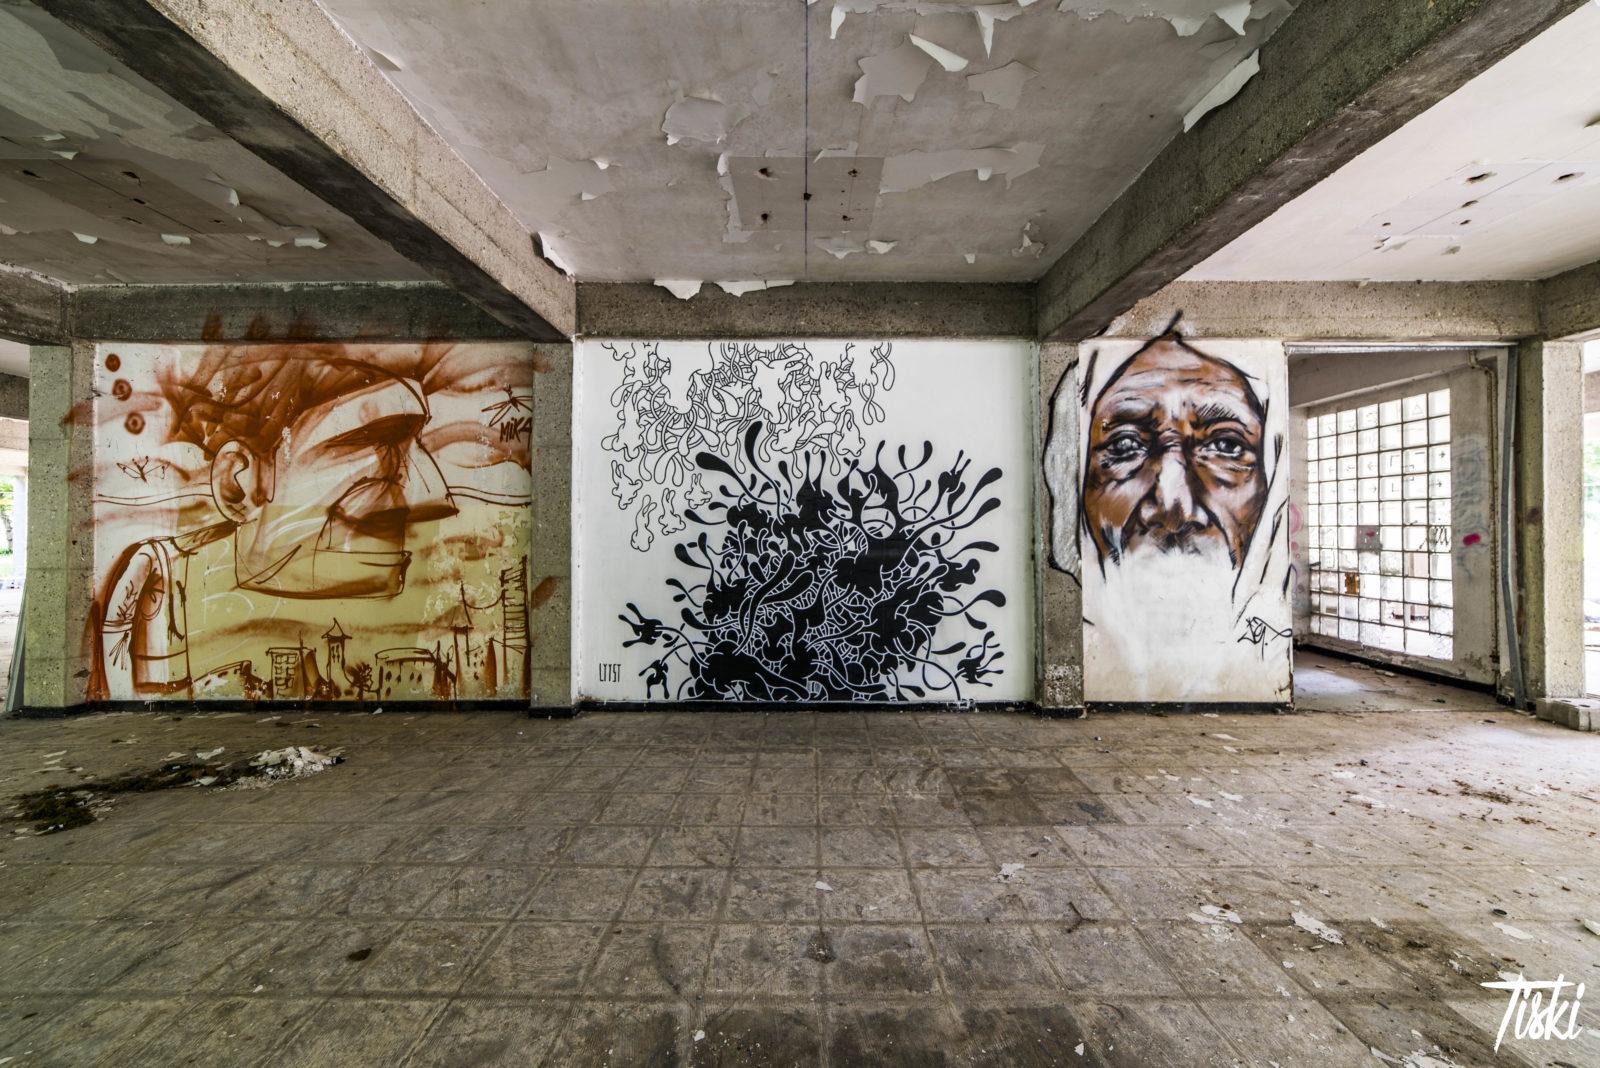 LaBel Valette Fest domaine mika Lysst JEF mur - LaBel Valette Fest : l'art et les cultures urbaines font revivre un château abandonné